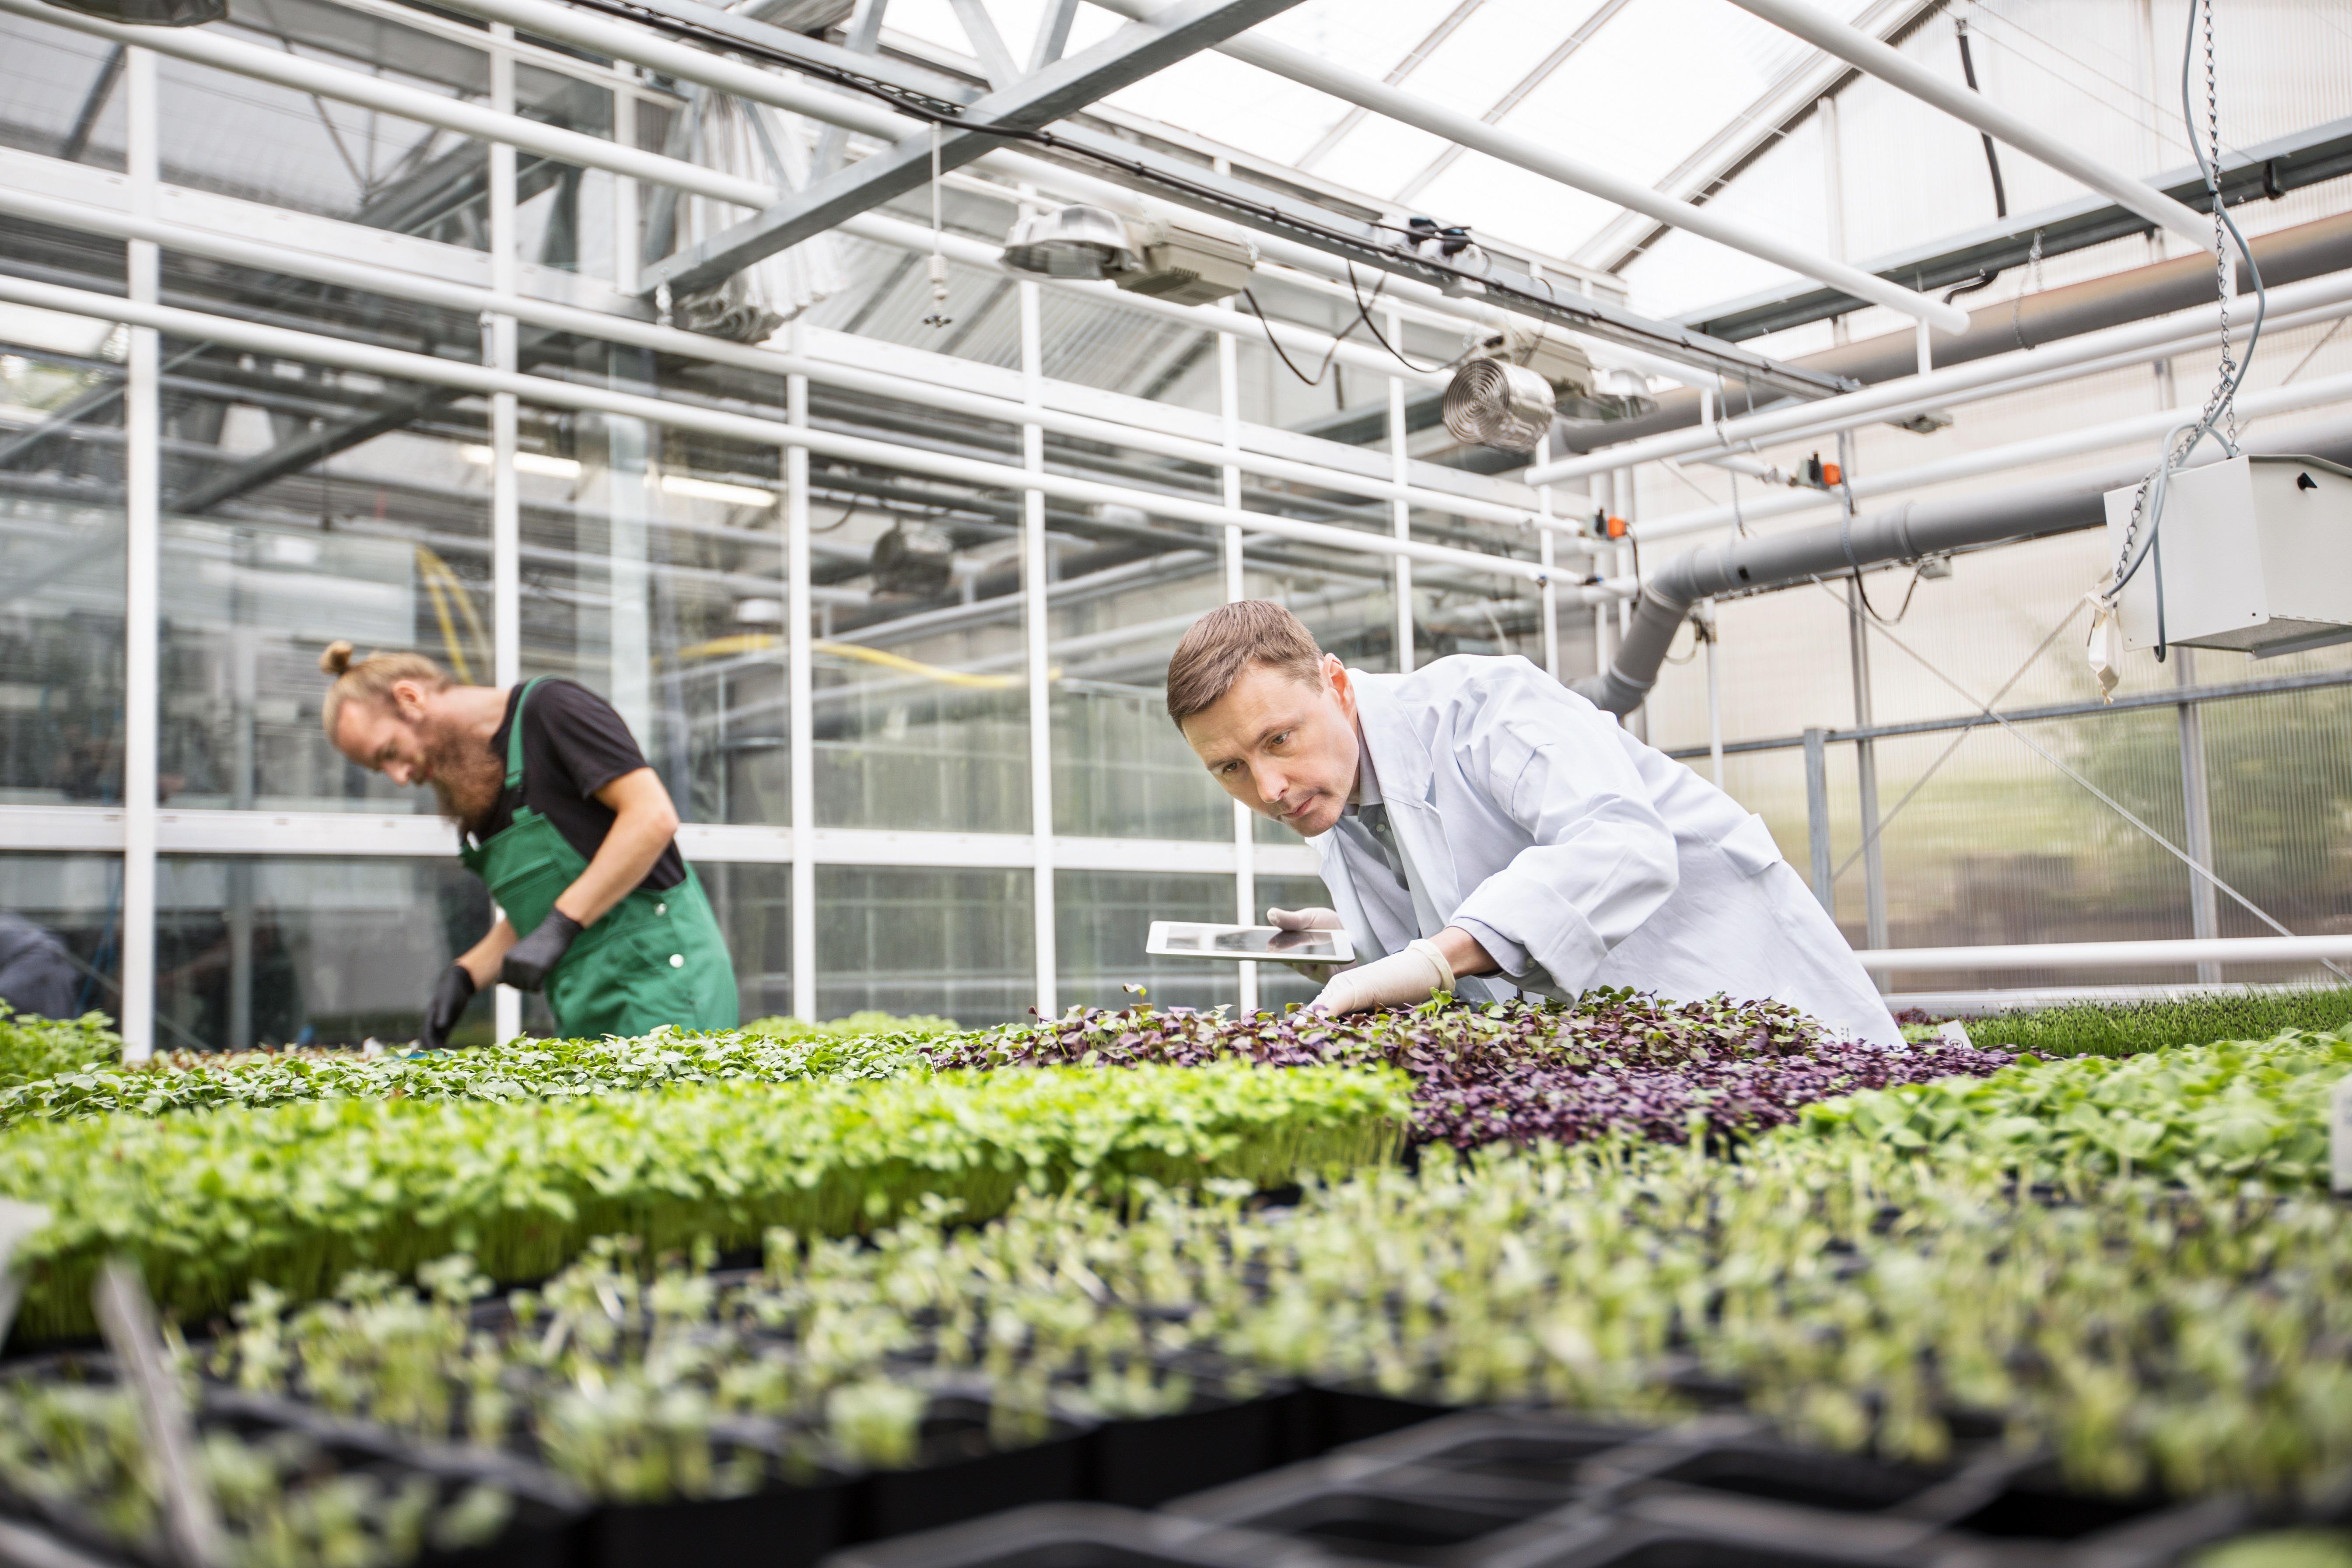 Seit Jahrzehnten versucht die Forschung die Mechanismen der Photosynthese aufzuklären. Forscher nutzen diese Erkenntnisse jetzt, um Ernteerträge zu steigern und so die Zukunft unserer Nahrungsmittelversorgung zu gewährleisten. Credit: alvarez/iStock.com